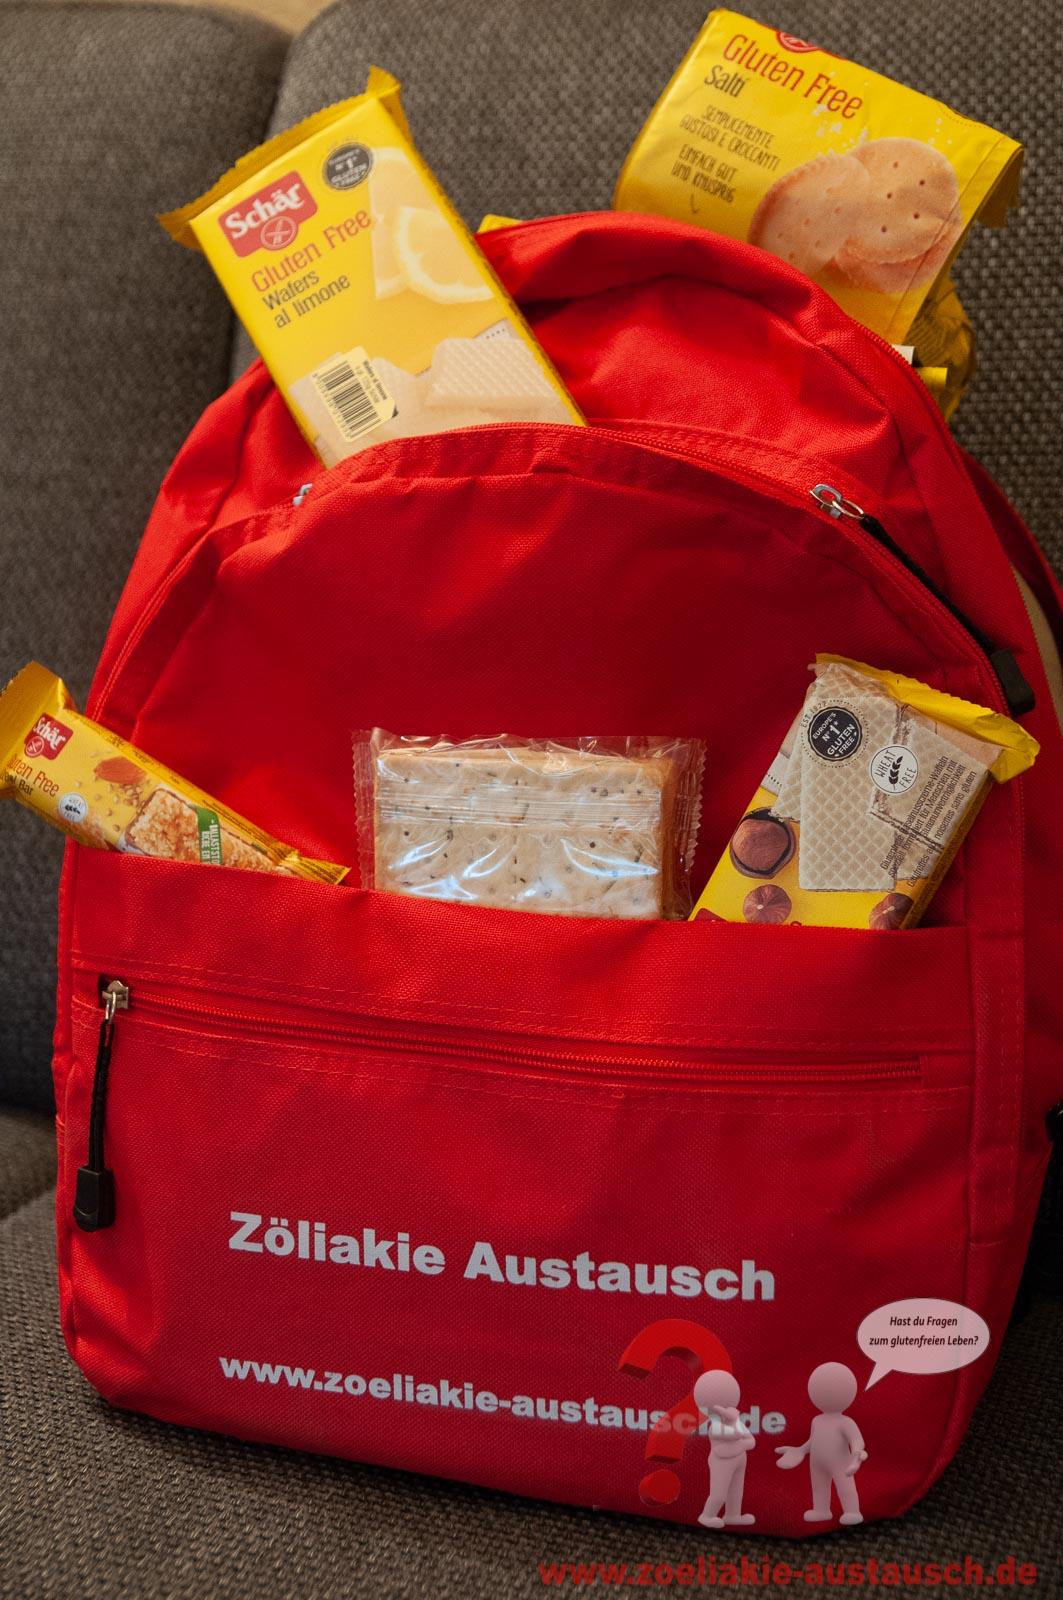 Schaer_Sommer_Zoeliakie-Austausch-20180607_022